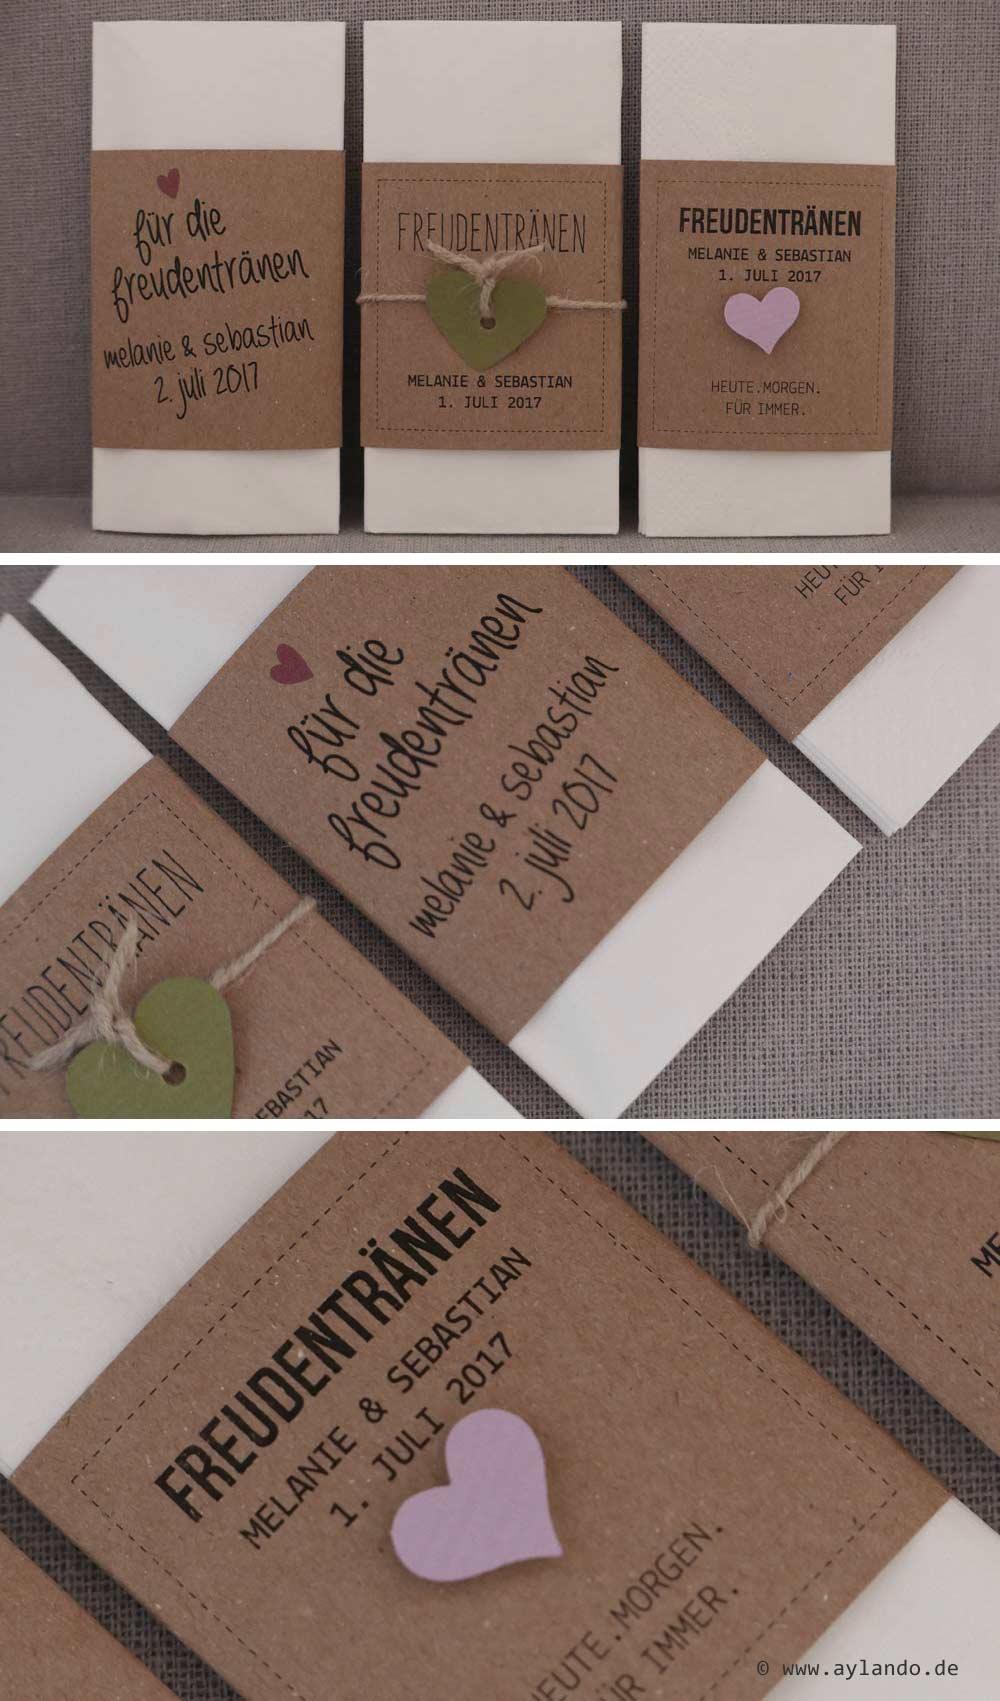 Taschentücher für Freudentränen aus Kraftpapier - diverse Ausführungen möglich